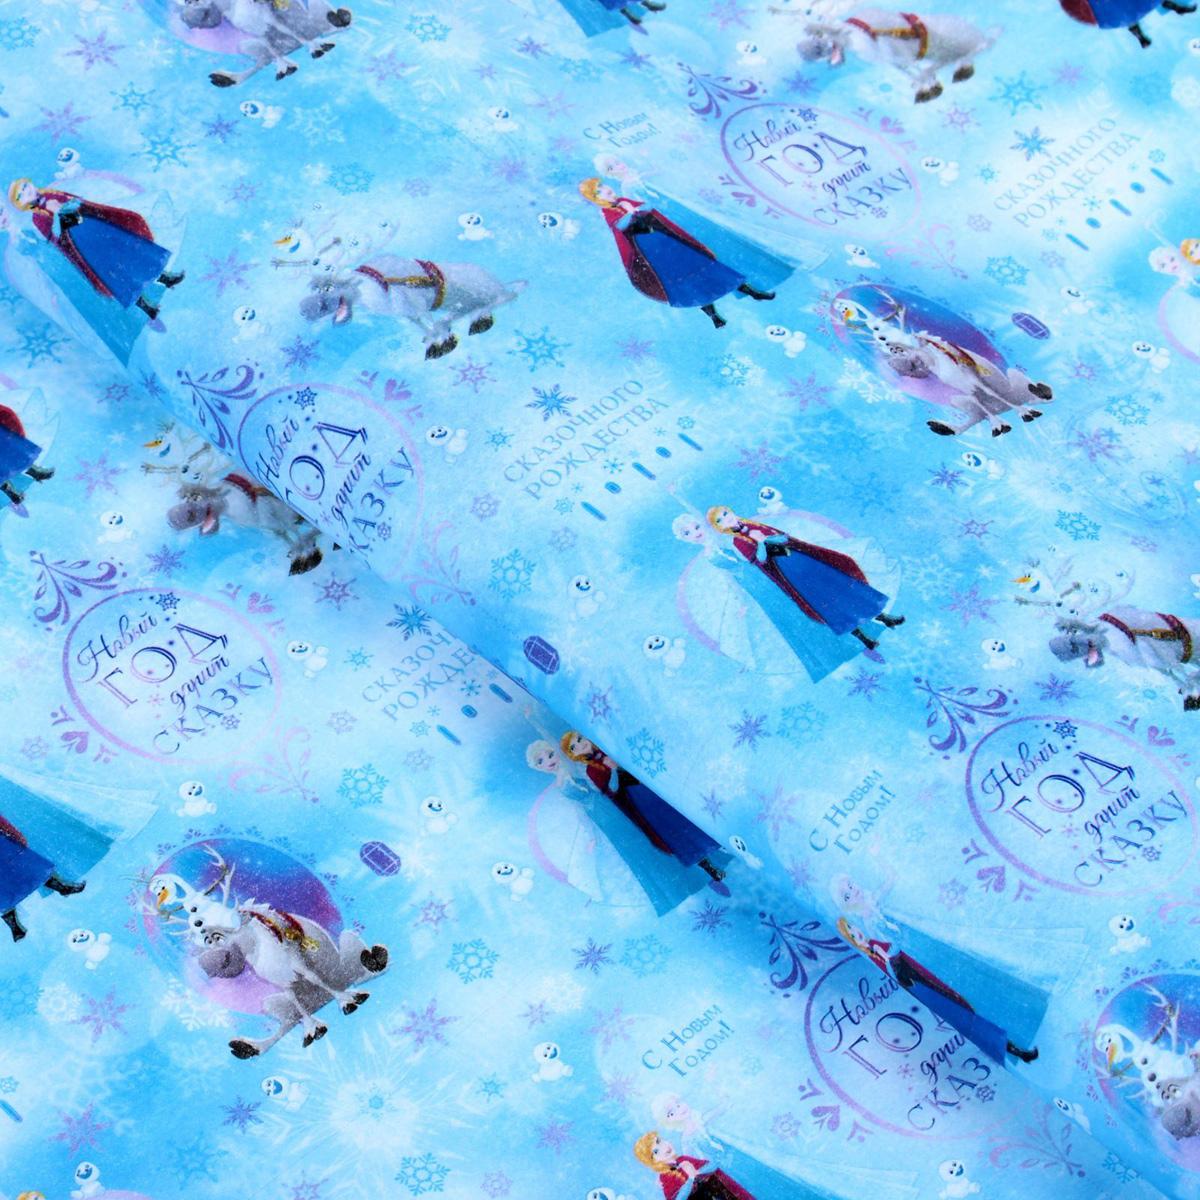 Бумага упаковочная Disney Сказочного праздника. Холодное сердце, тишью, 50 х 70 см1409374Это стильный и модный тренд в декоре и упаковке. Она универсальна в оформлении любой продукции и подарка и сделает даже обычный презент заметным, приятным и стильным.